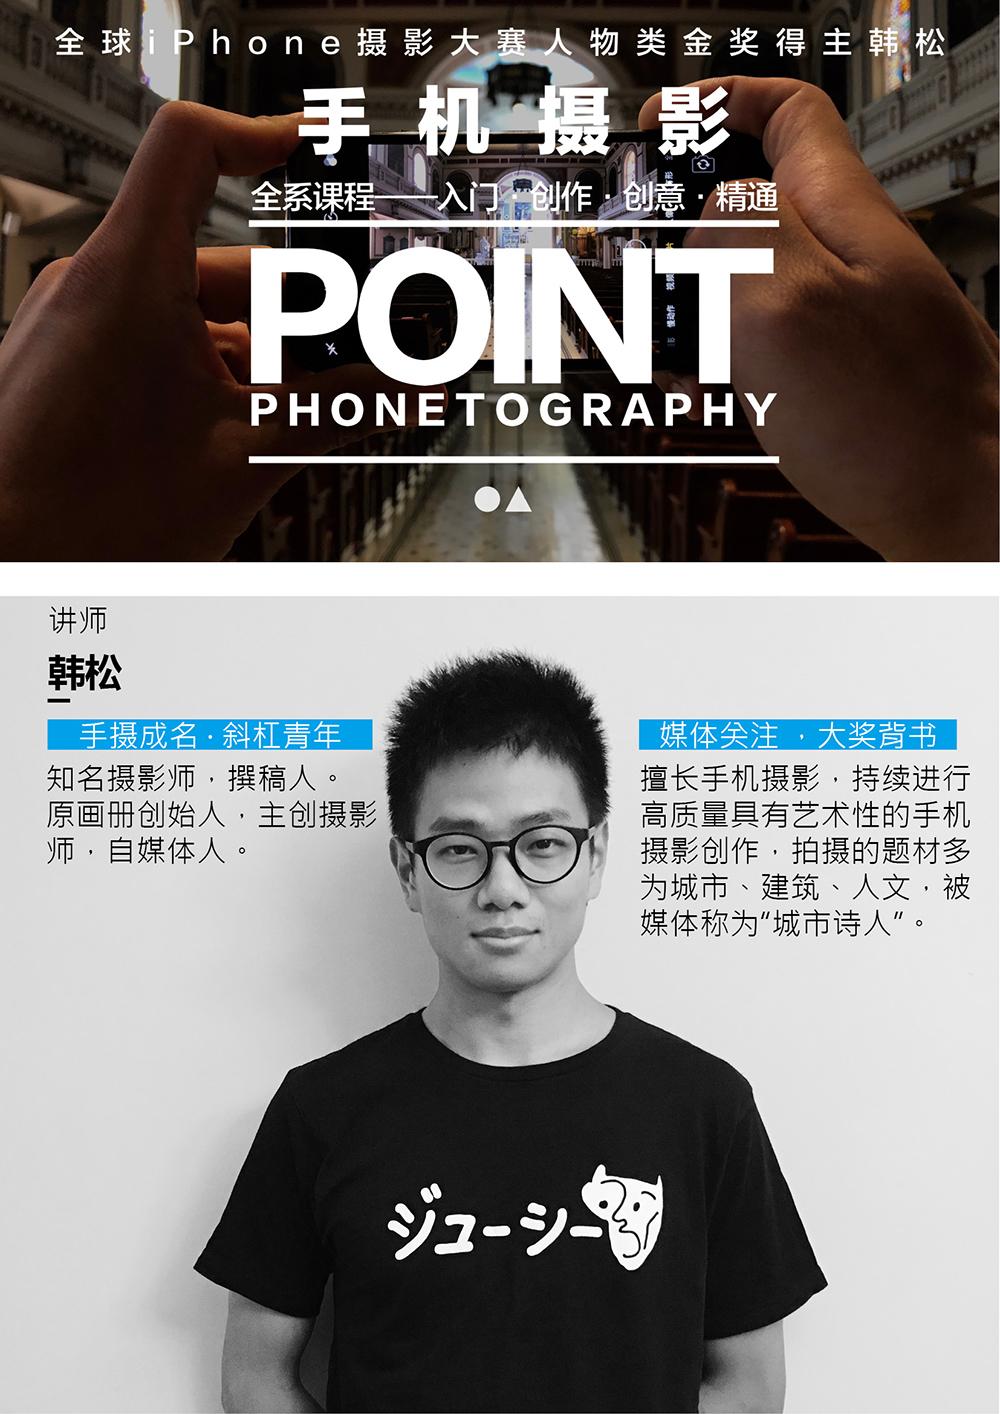 iPhone 摄影大赛金奖得主:刷爆朋友圈的30堂手机摄影课